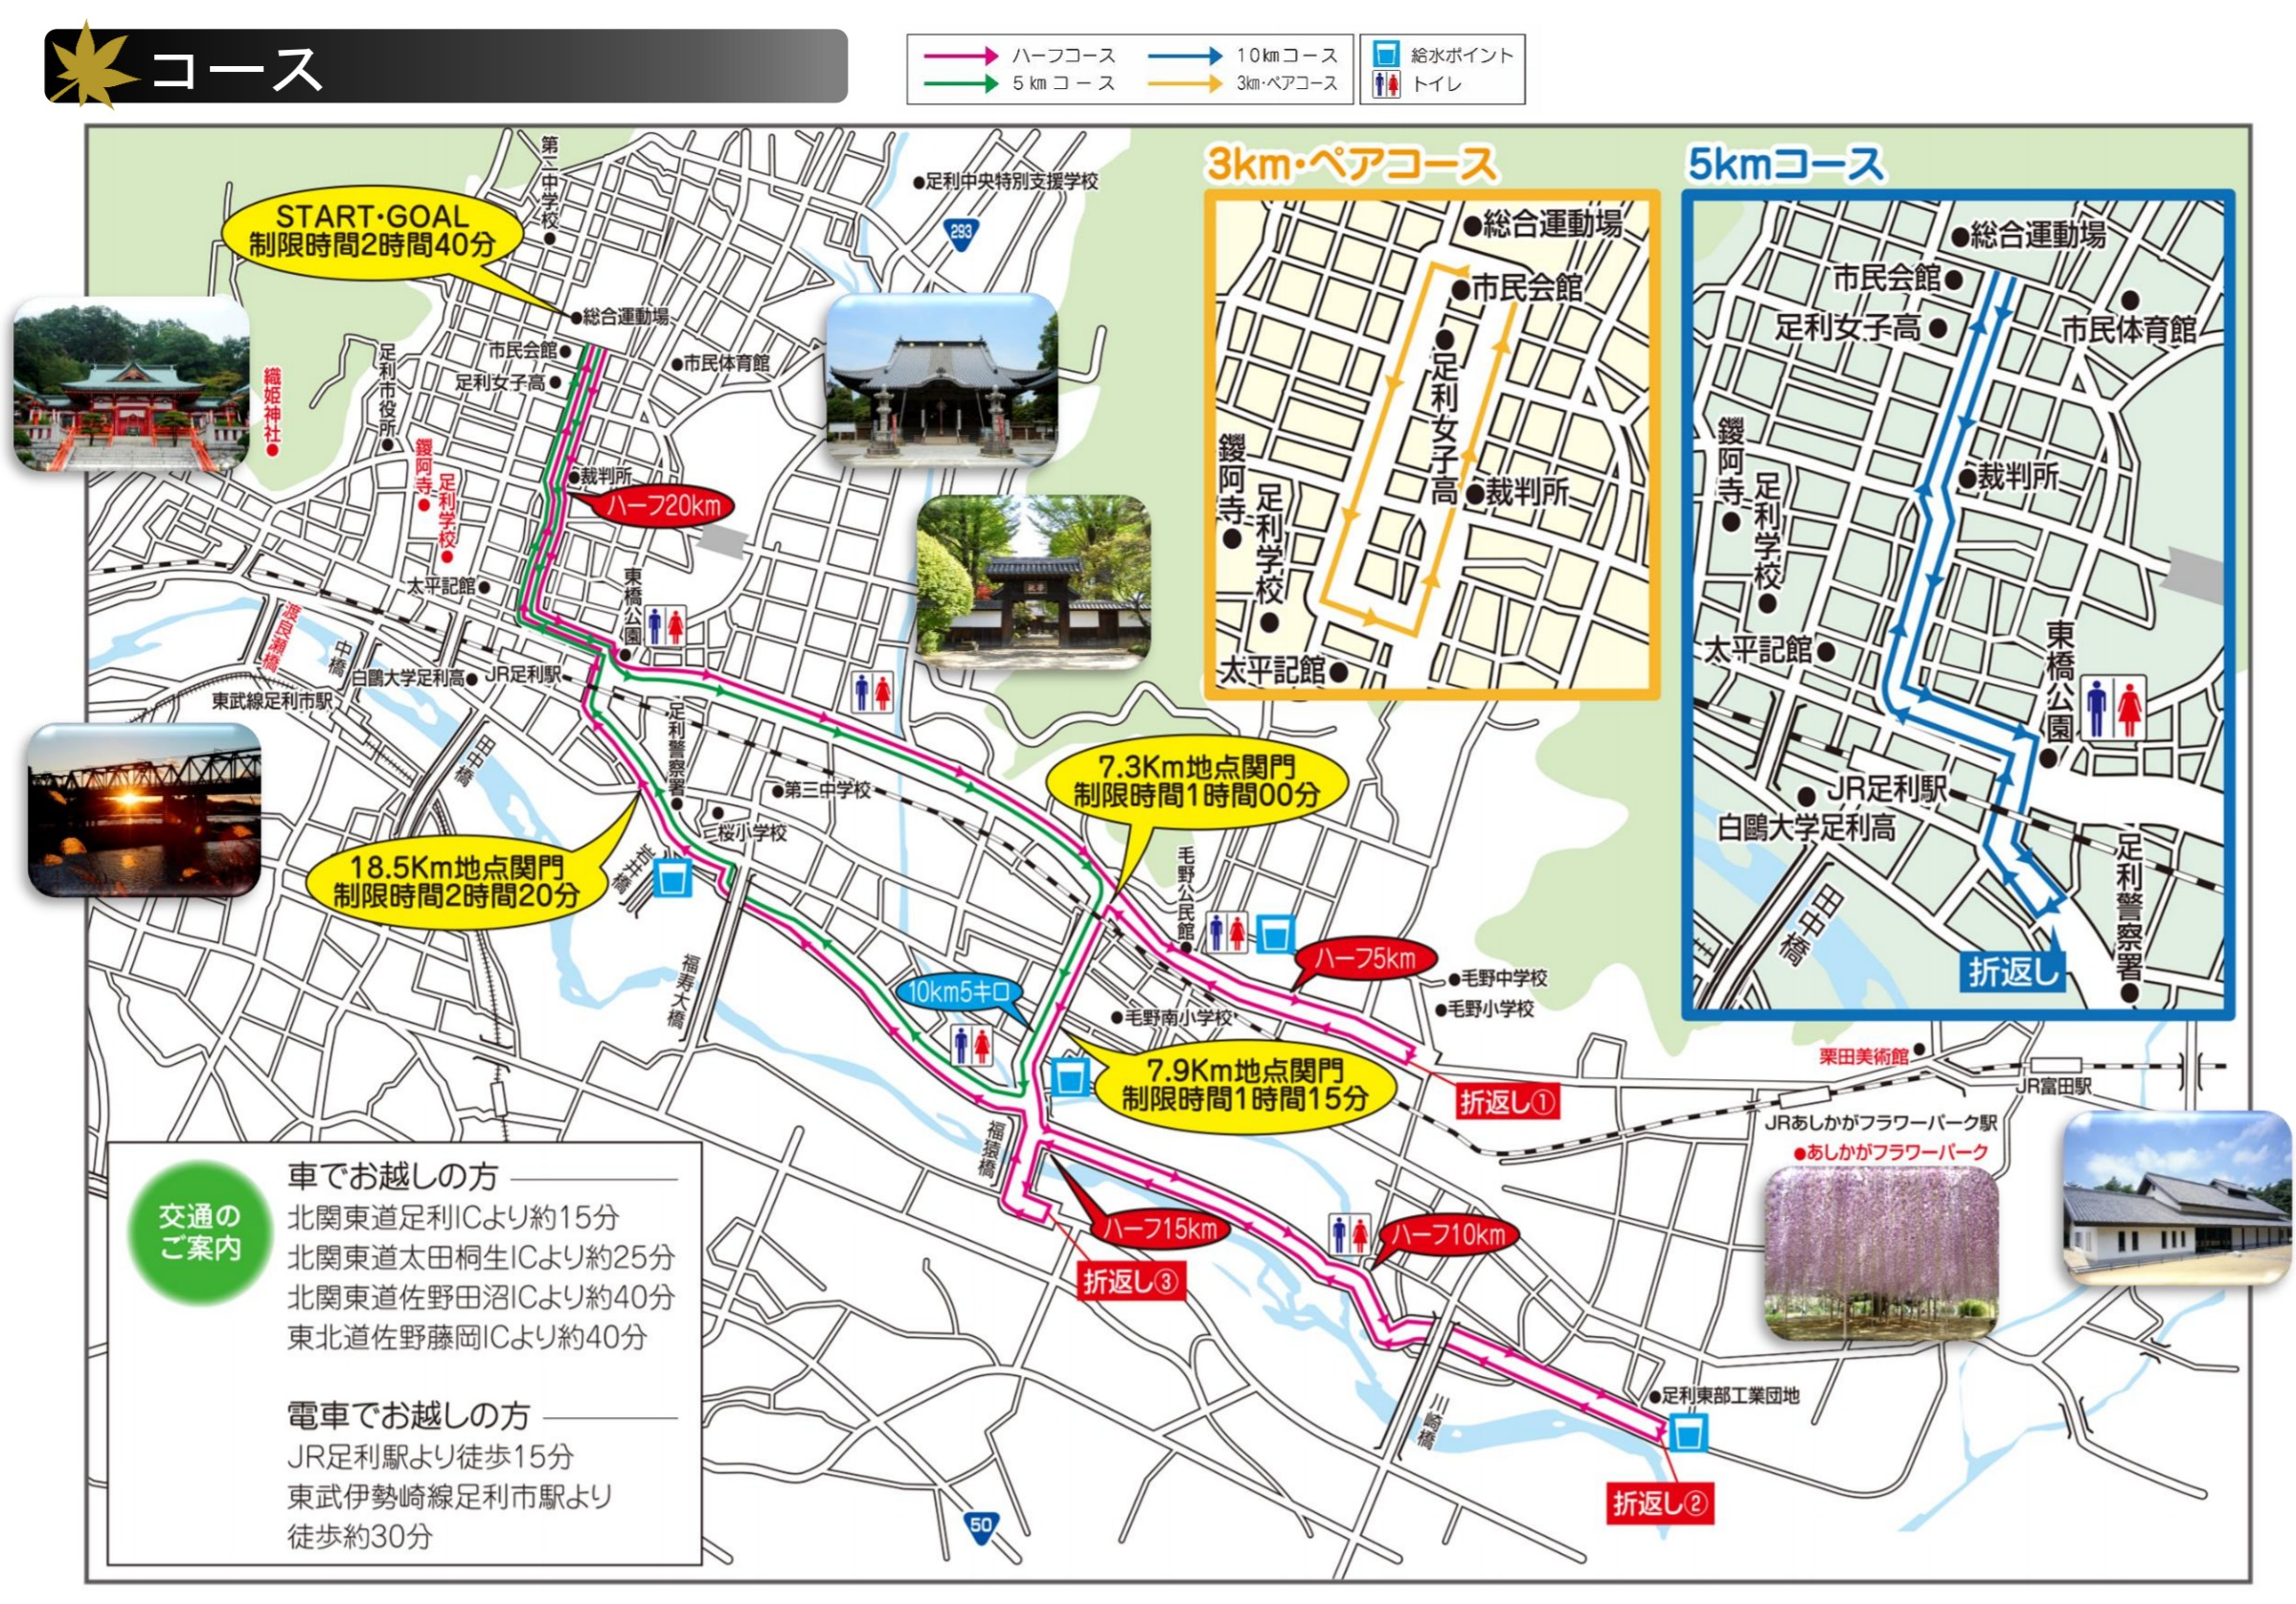 足利尊氏公ハーフマラソンコースマップ